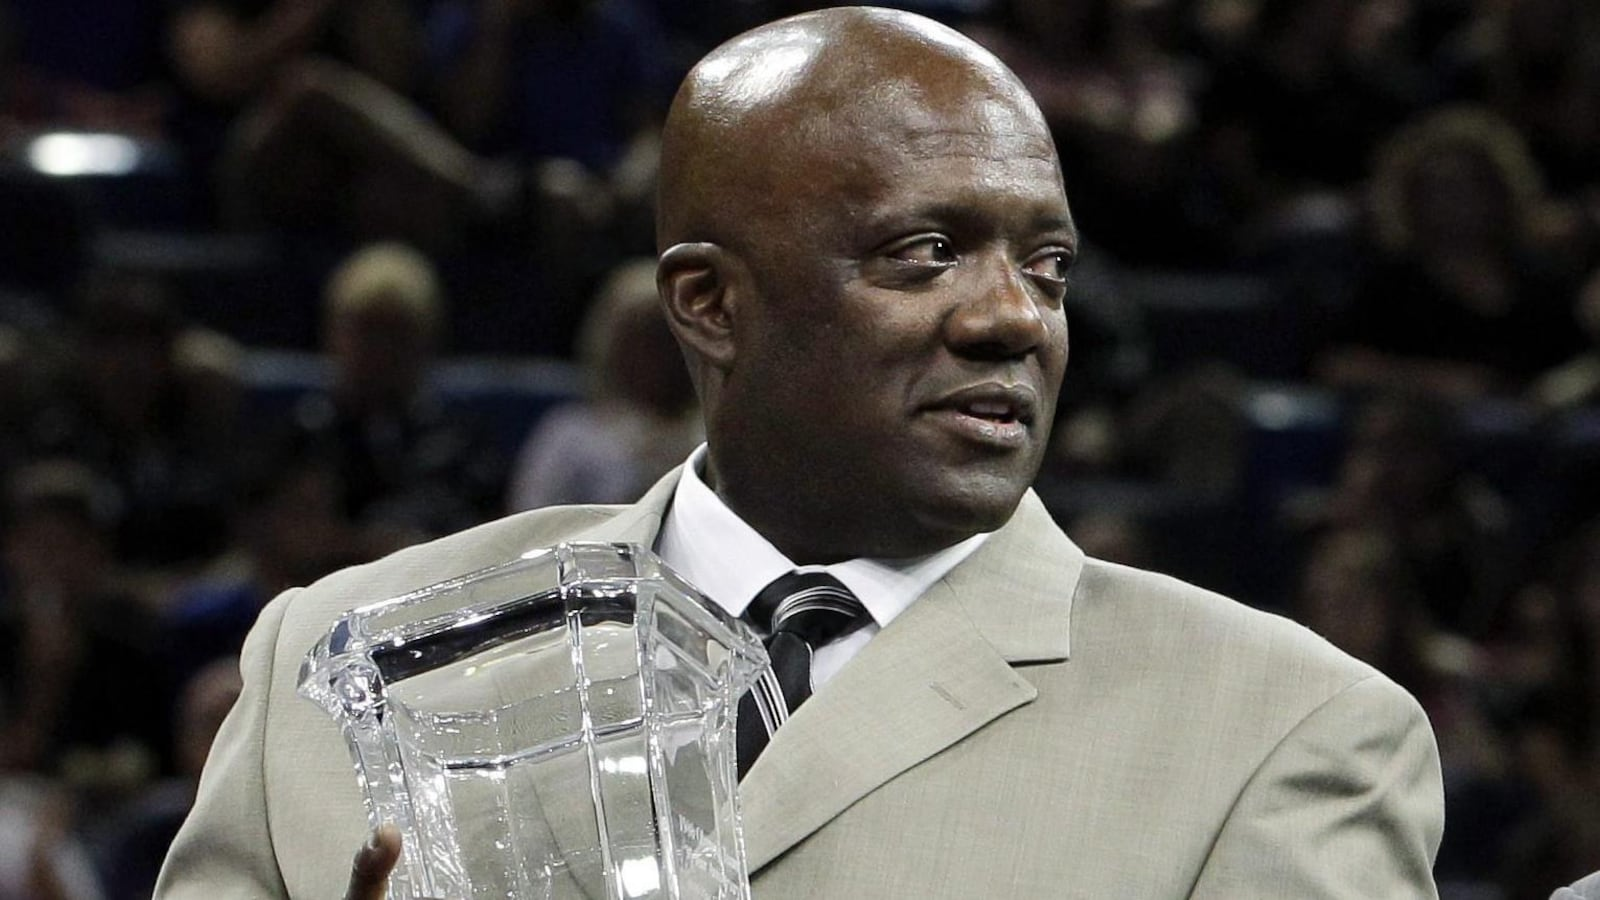 Il tient un trophée en verre.